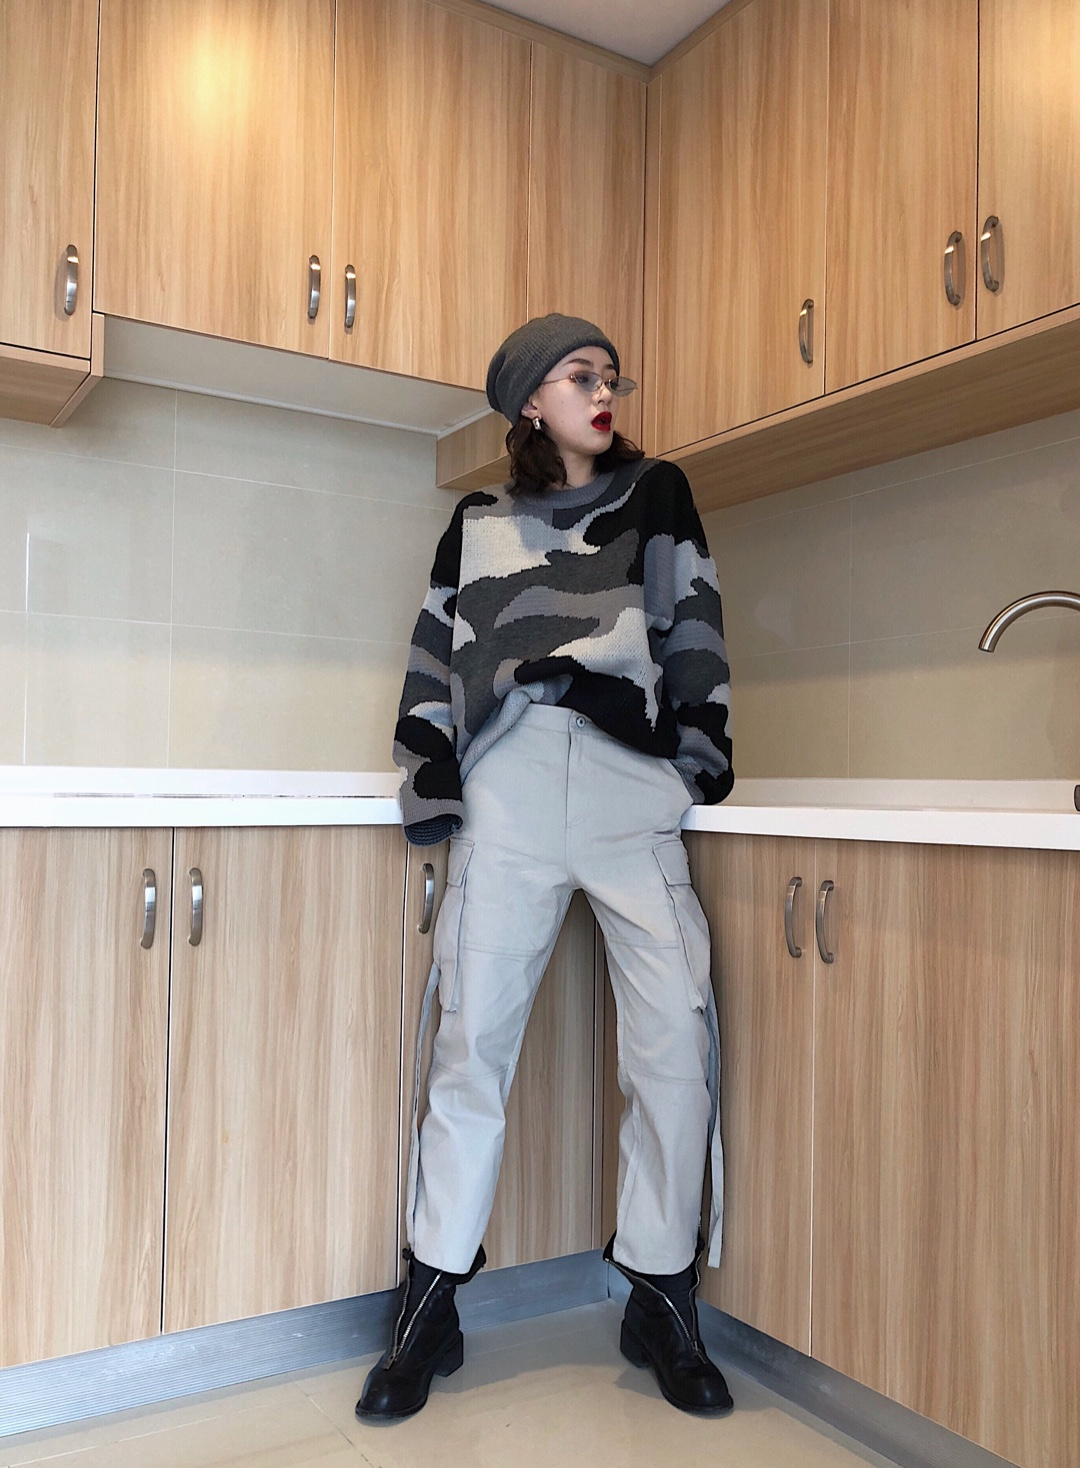 #ins网红拍照穿什么?# 过年穿搭指南:妈妈满意不输闺蜜 时尚拉链靴和工装裤的完美融合 谁说风格不一样的衣服不能一起穿? 混搭才是王者 我的外套里已经穿好这些春装啦!